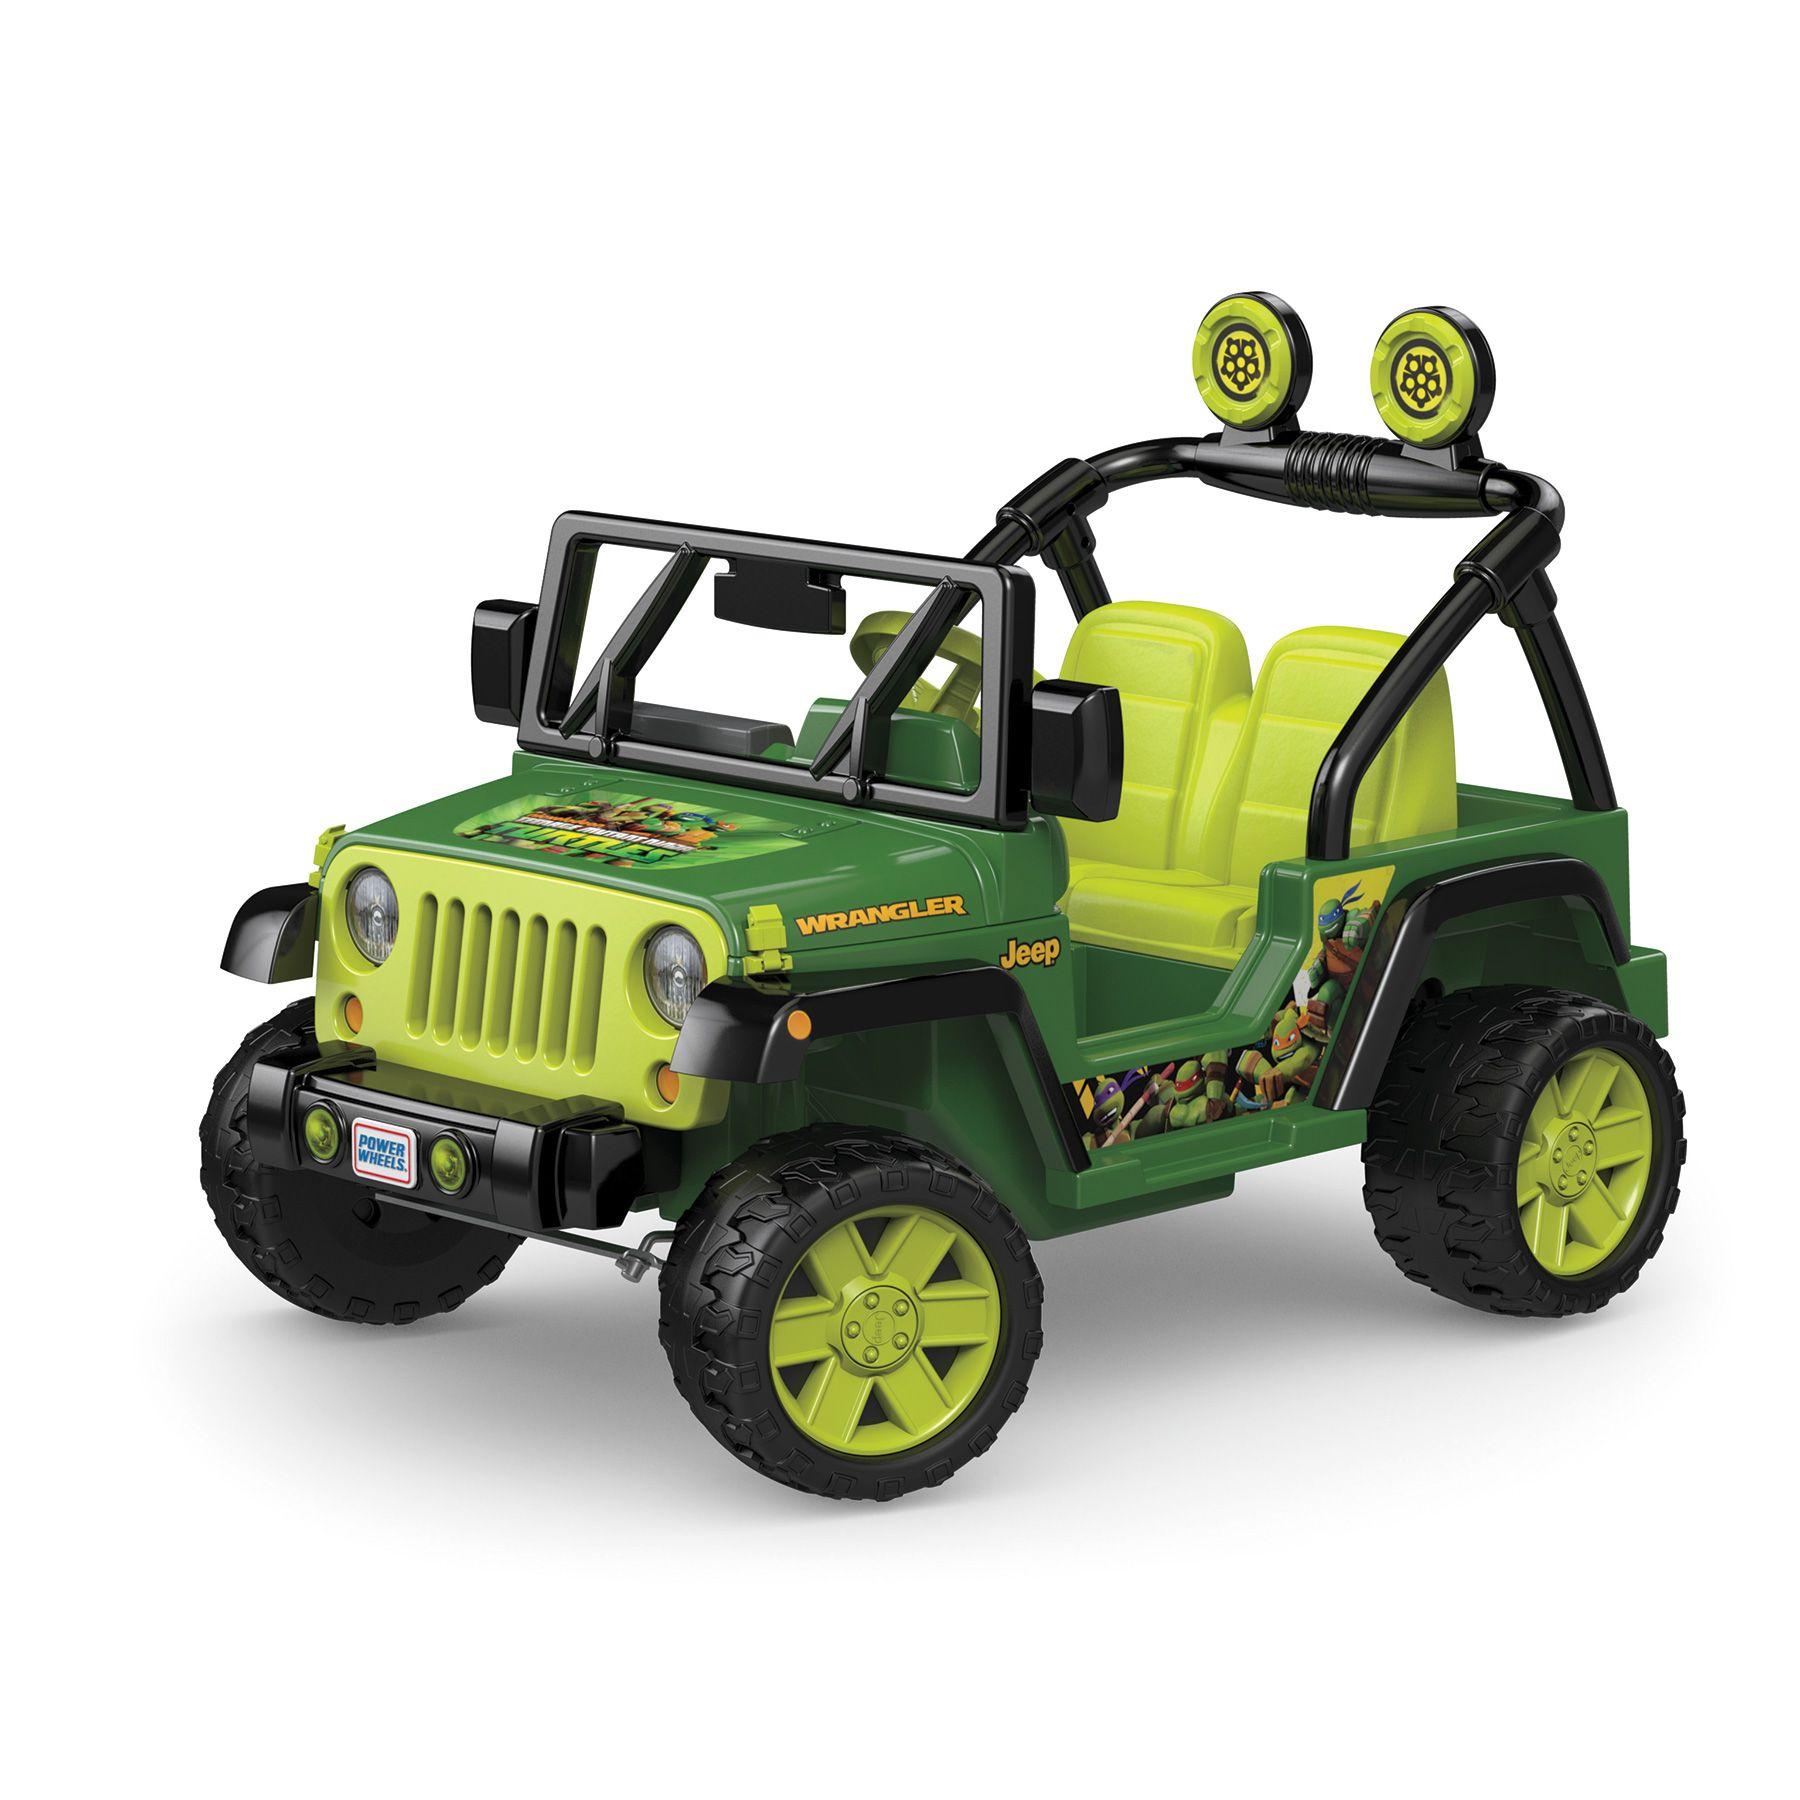 سيارة جيب كهربائية 24 فولت للاطفال Suv 4x4 Jeep سيارات اطفال صغار